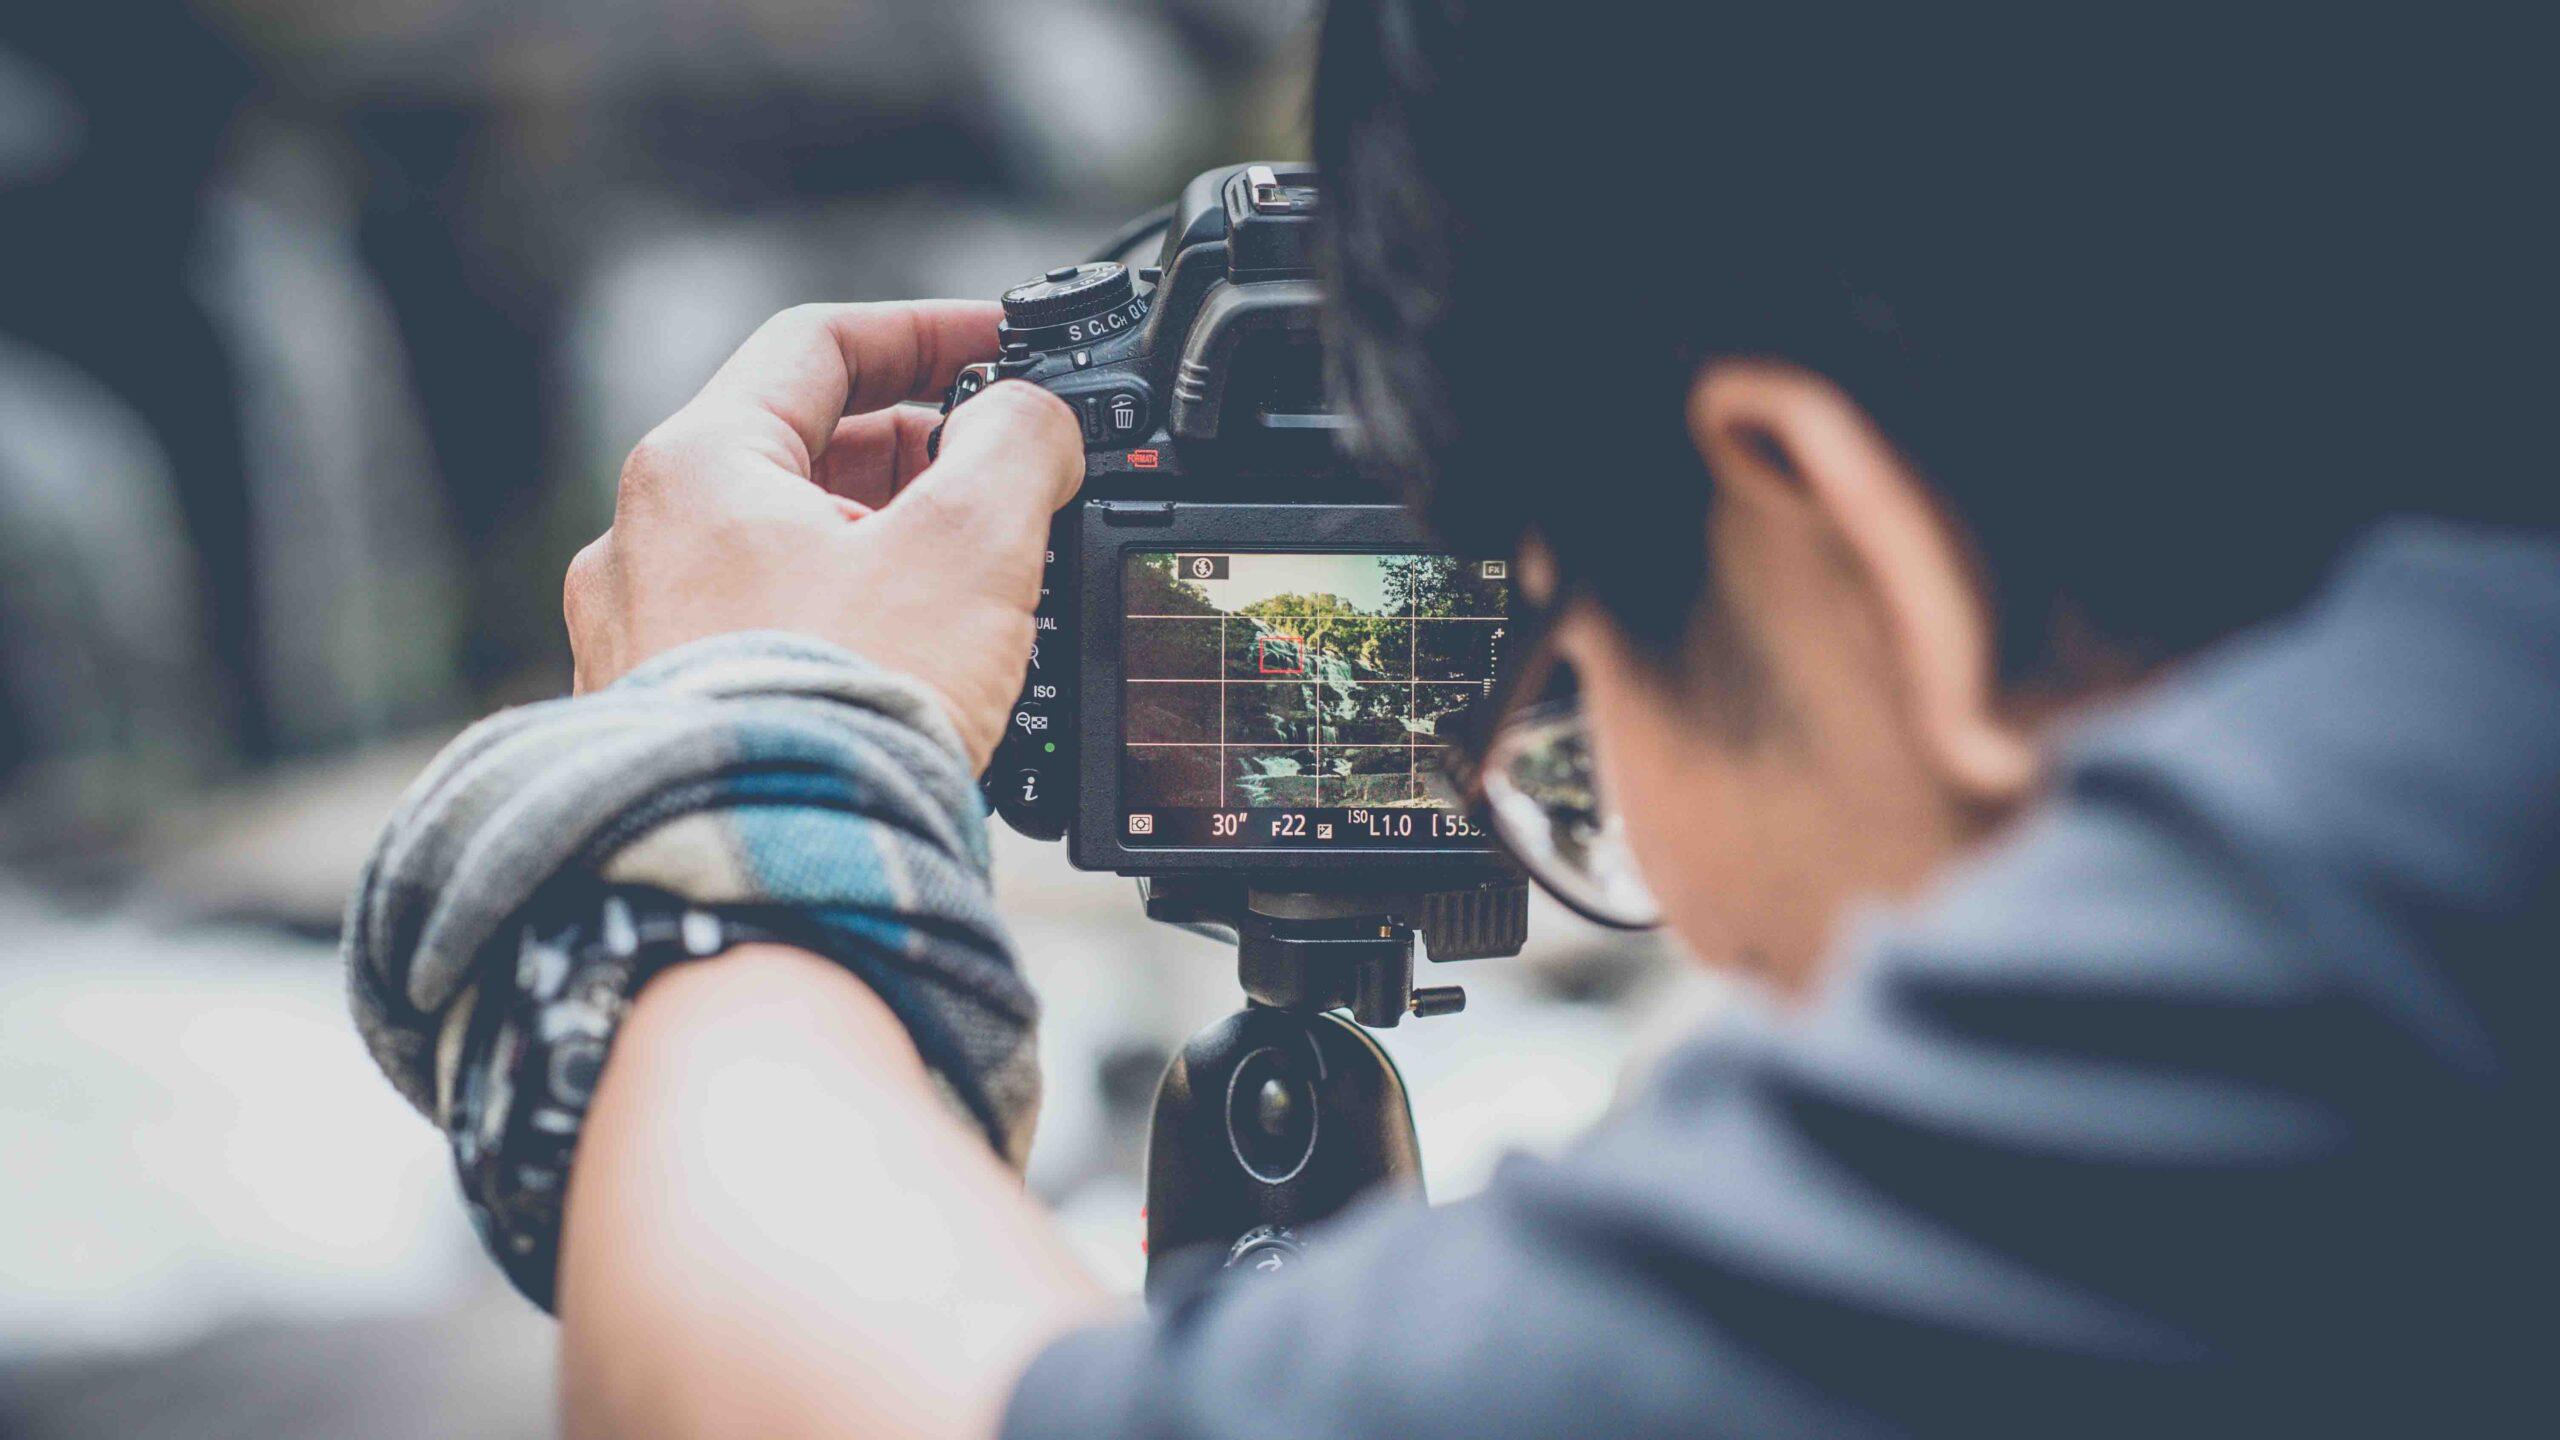 Ke pasion fotografinë? Bëhu kreativ, fito dhe puno me ne!